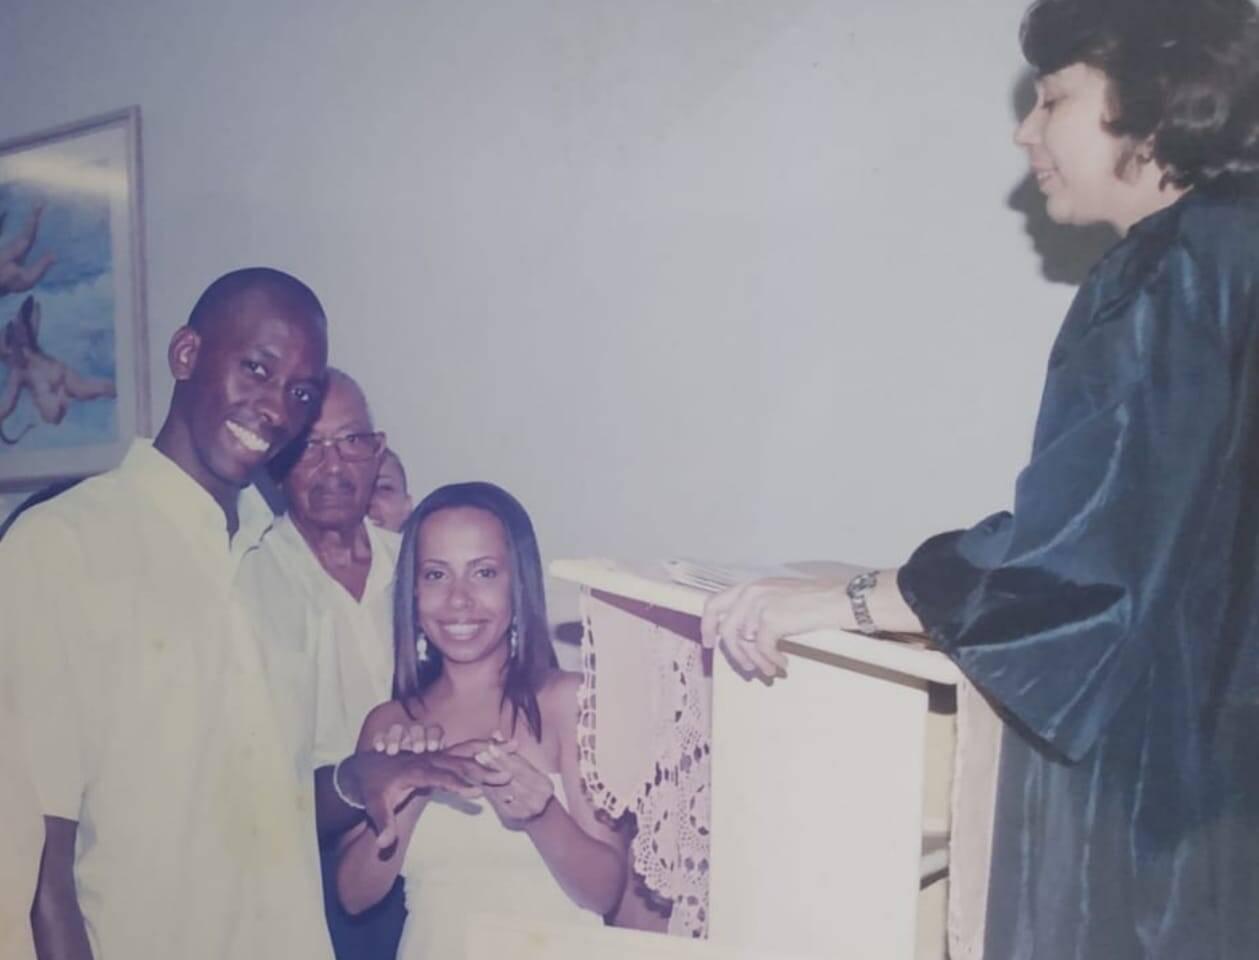 O casamento de Adriana e Sérgio, que aconteceu em uma sexta-feira 13, em janeiro de 2006. Foto: Acervo pessoal